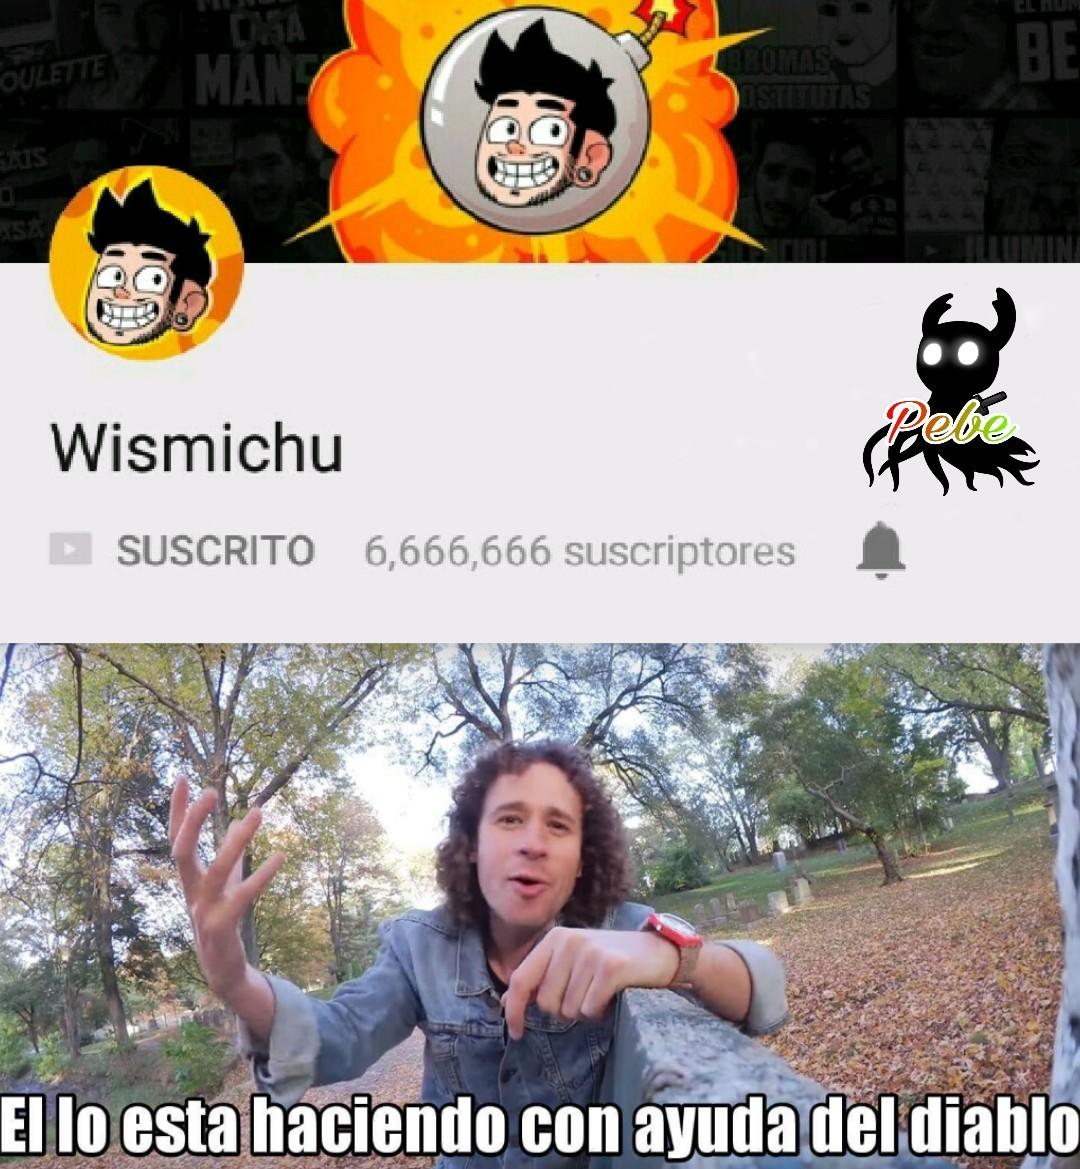 Del diablo - meme